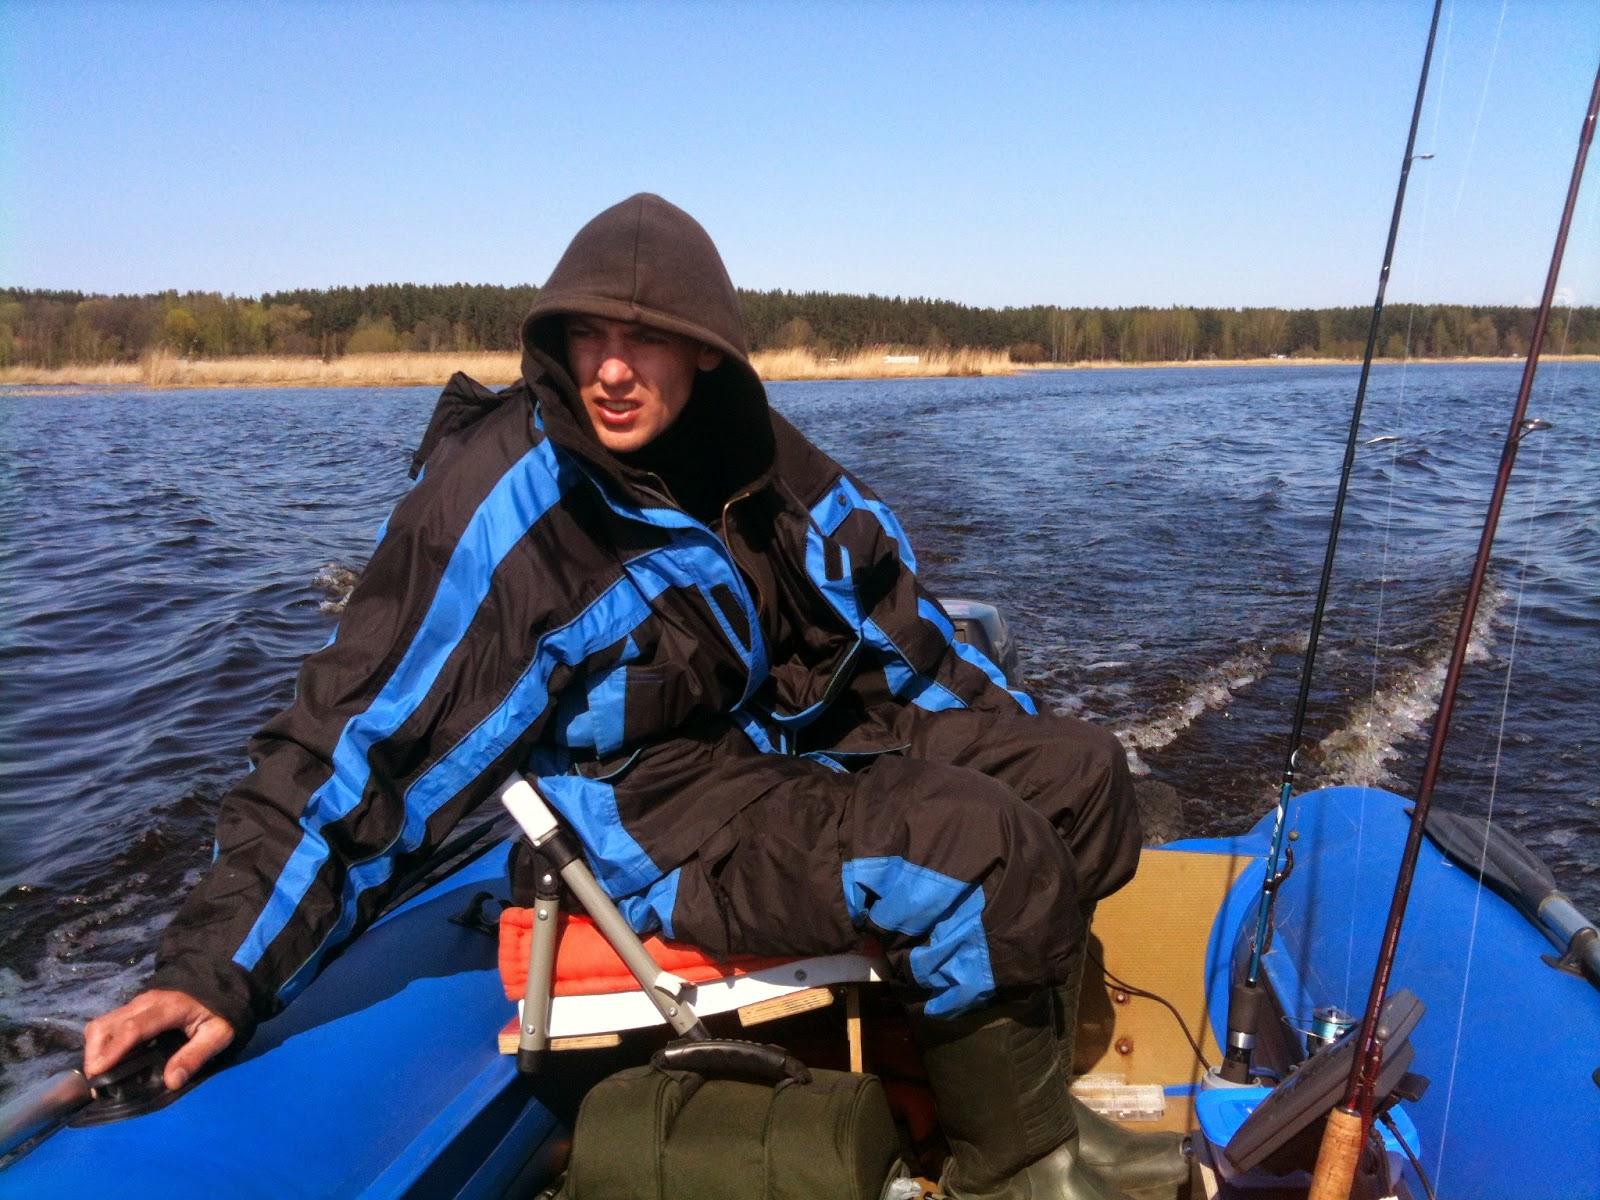 озеро гавриловское рыбалка